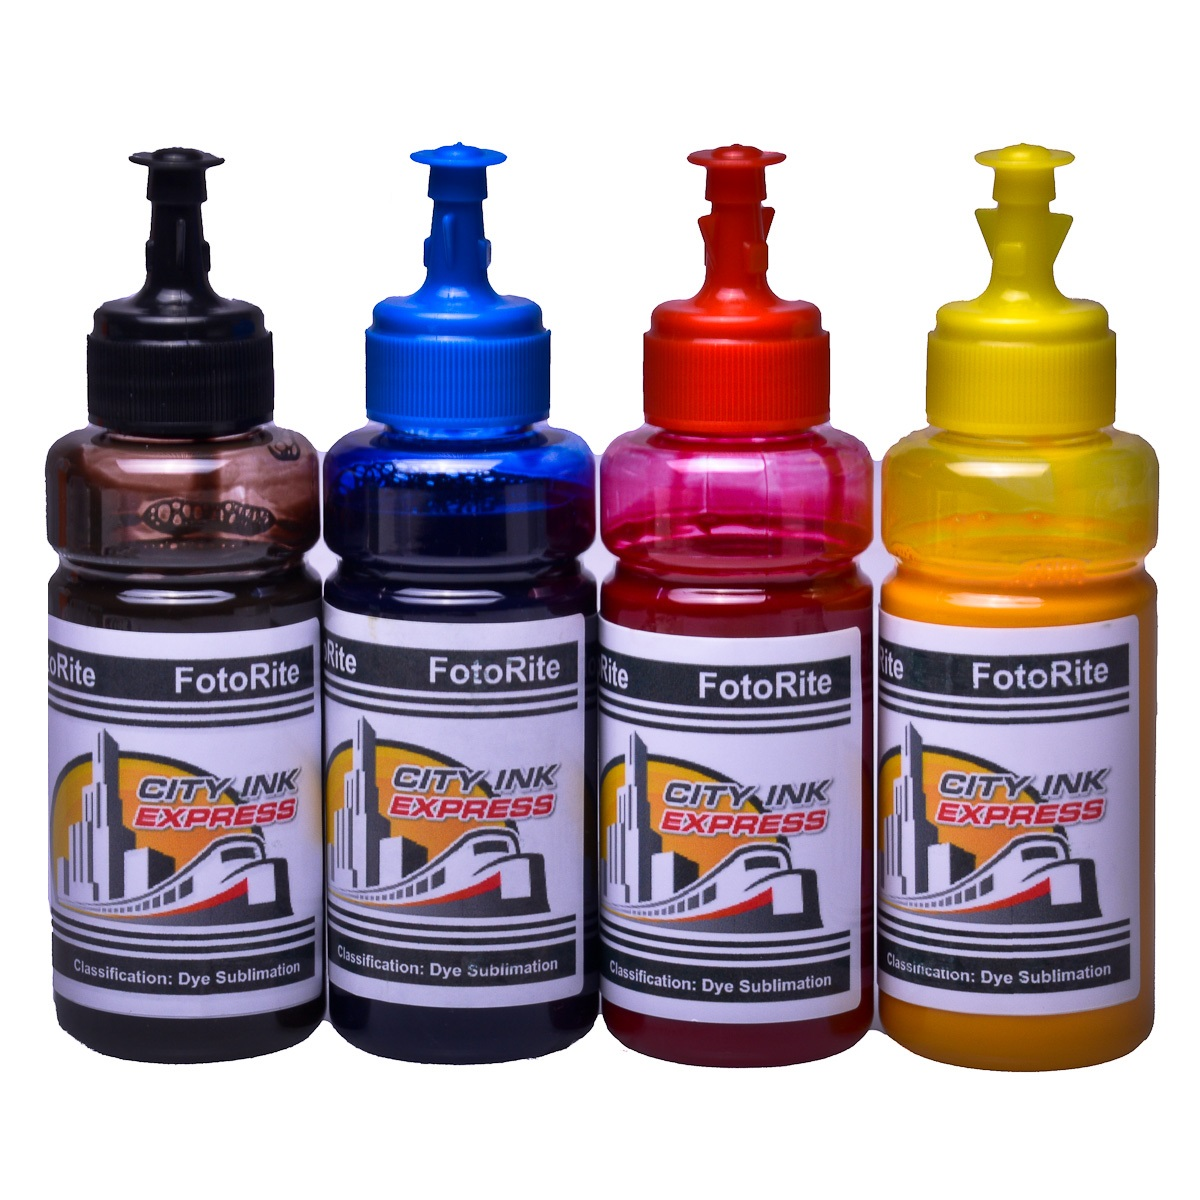 Dye sublimation ink cartridge Bundle fits Epson XP-245 XP-247 XP-342 XP-345